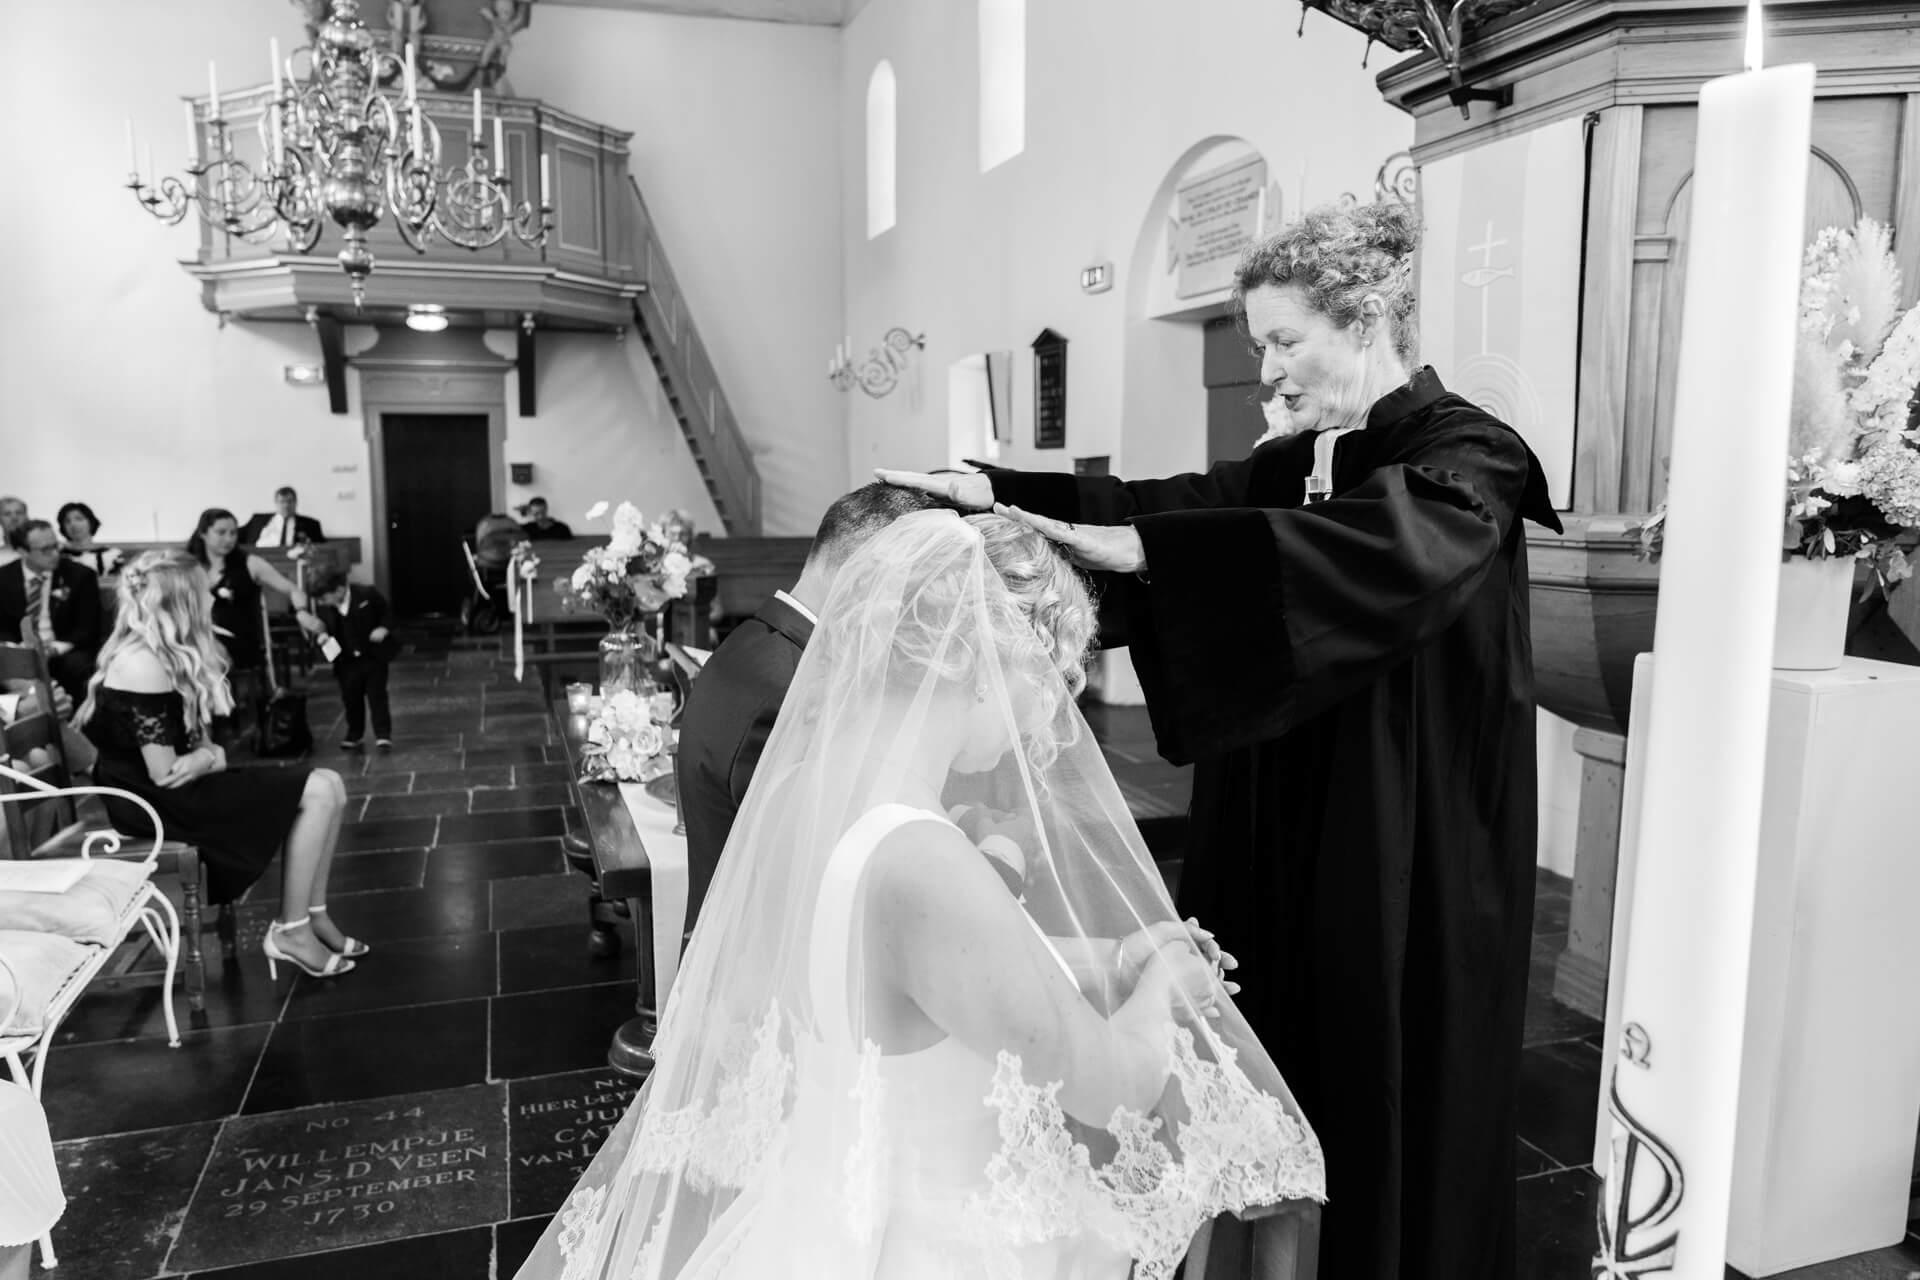 Bruiloft kerk Sassenheim, bruidsfotografie door trouwfotograaf Grietje Mesman